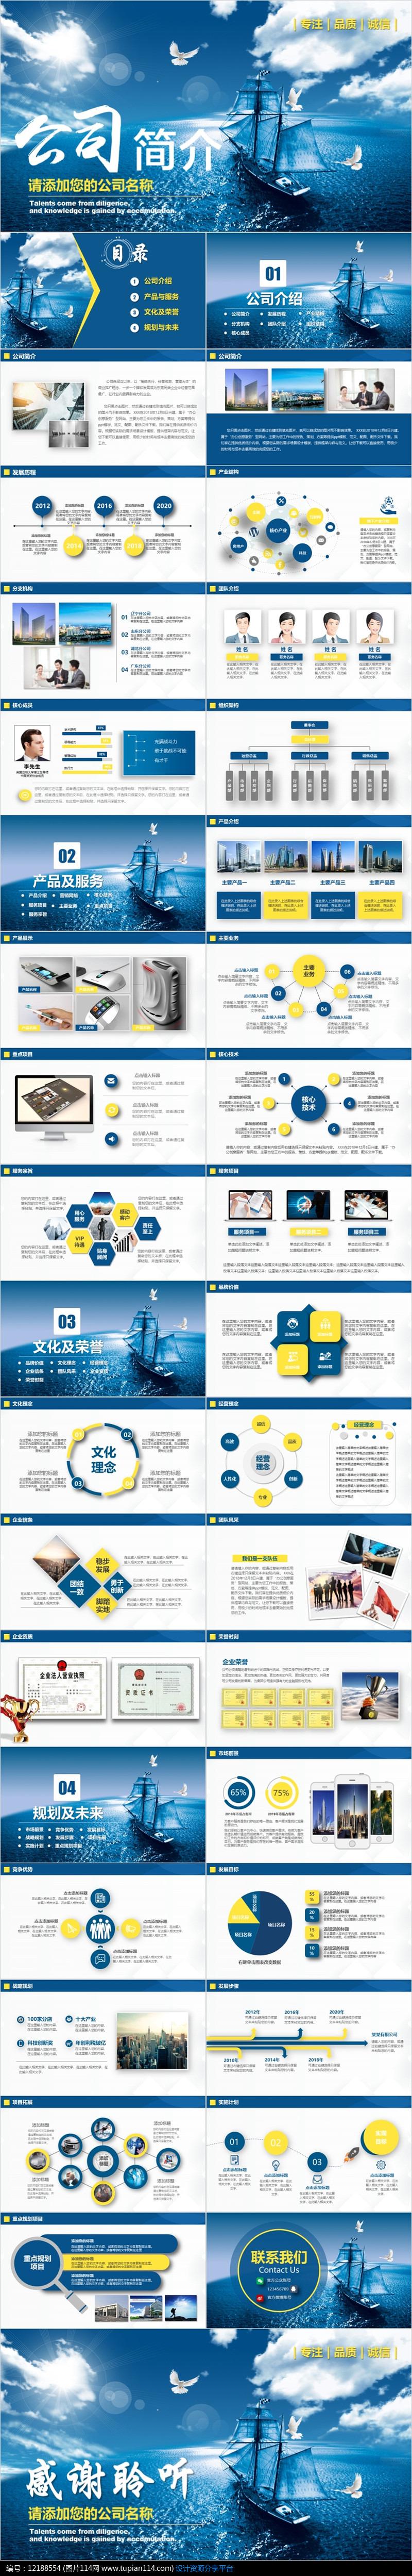 黄蓝大气扬帆公司介绍公司简介企业文化产品宣传PPT模板